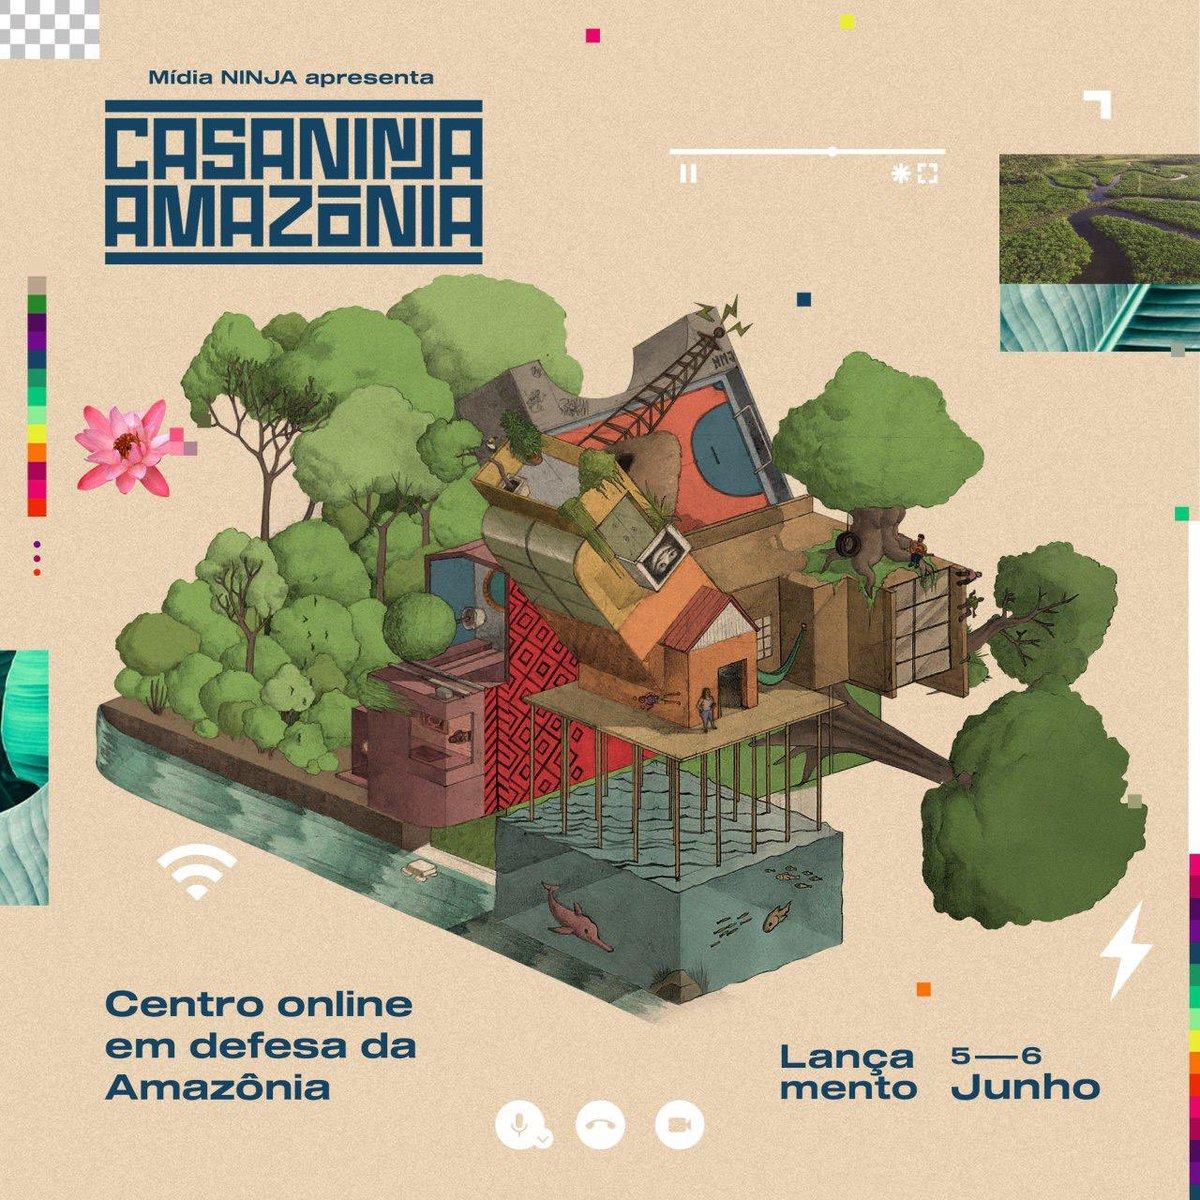 Nos dias 5 e 6 de junho realizaremos um evento de inauguração digital com encontros, debates e mostras artísticas, tudo aberto e gratuito para marcar o lançamento de nosso centro online de mobilização e experimentações criativas. #MidiaNinja #NINJAambiental #CasaNinjaAmazonia